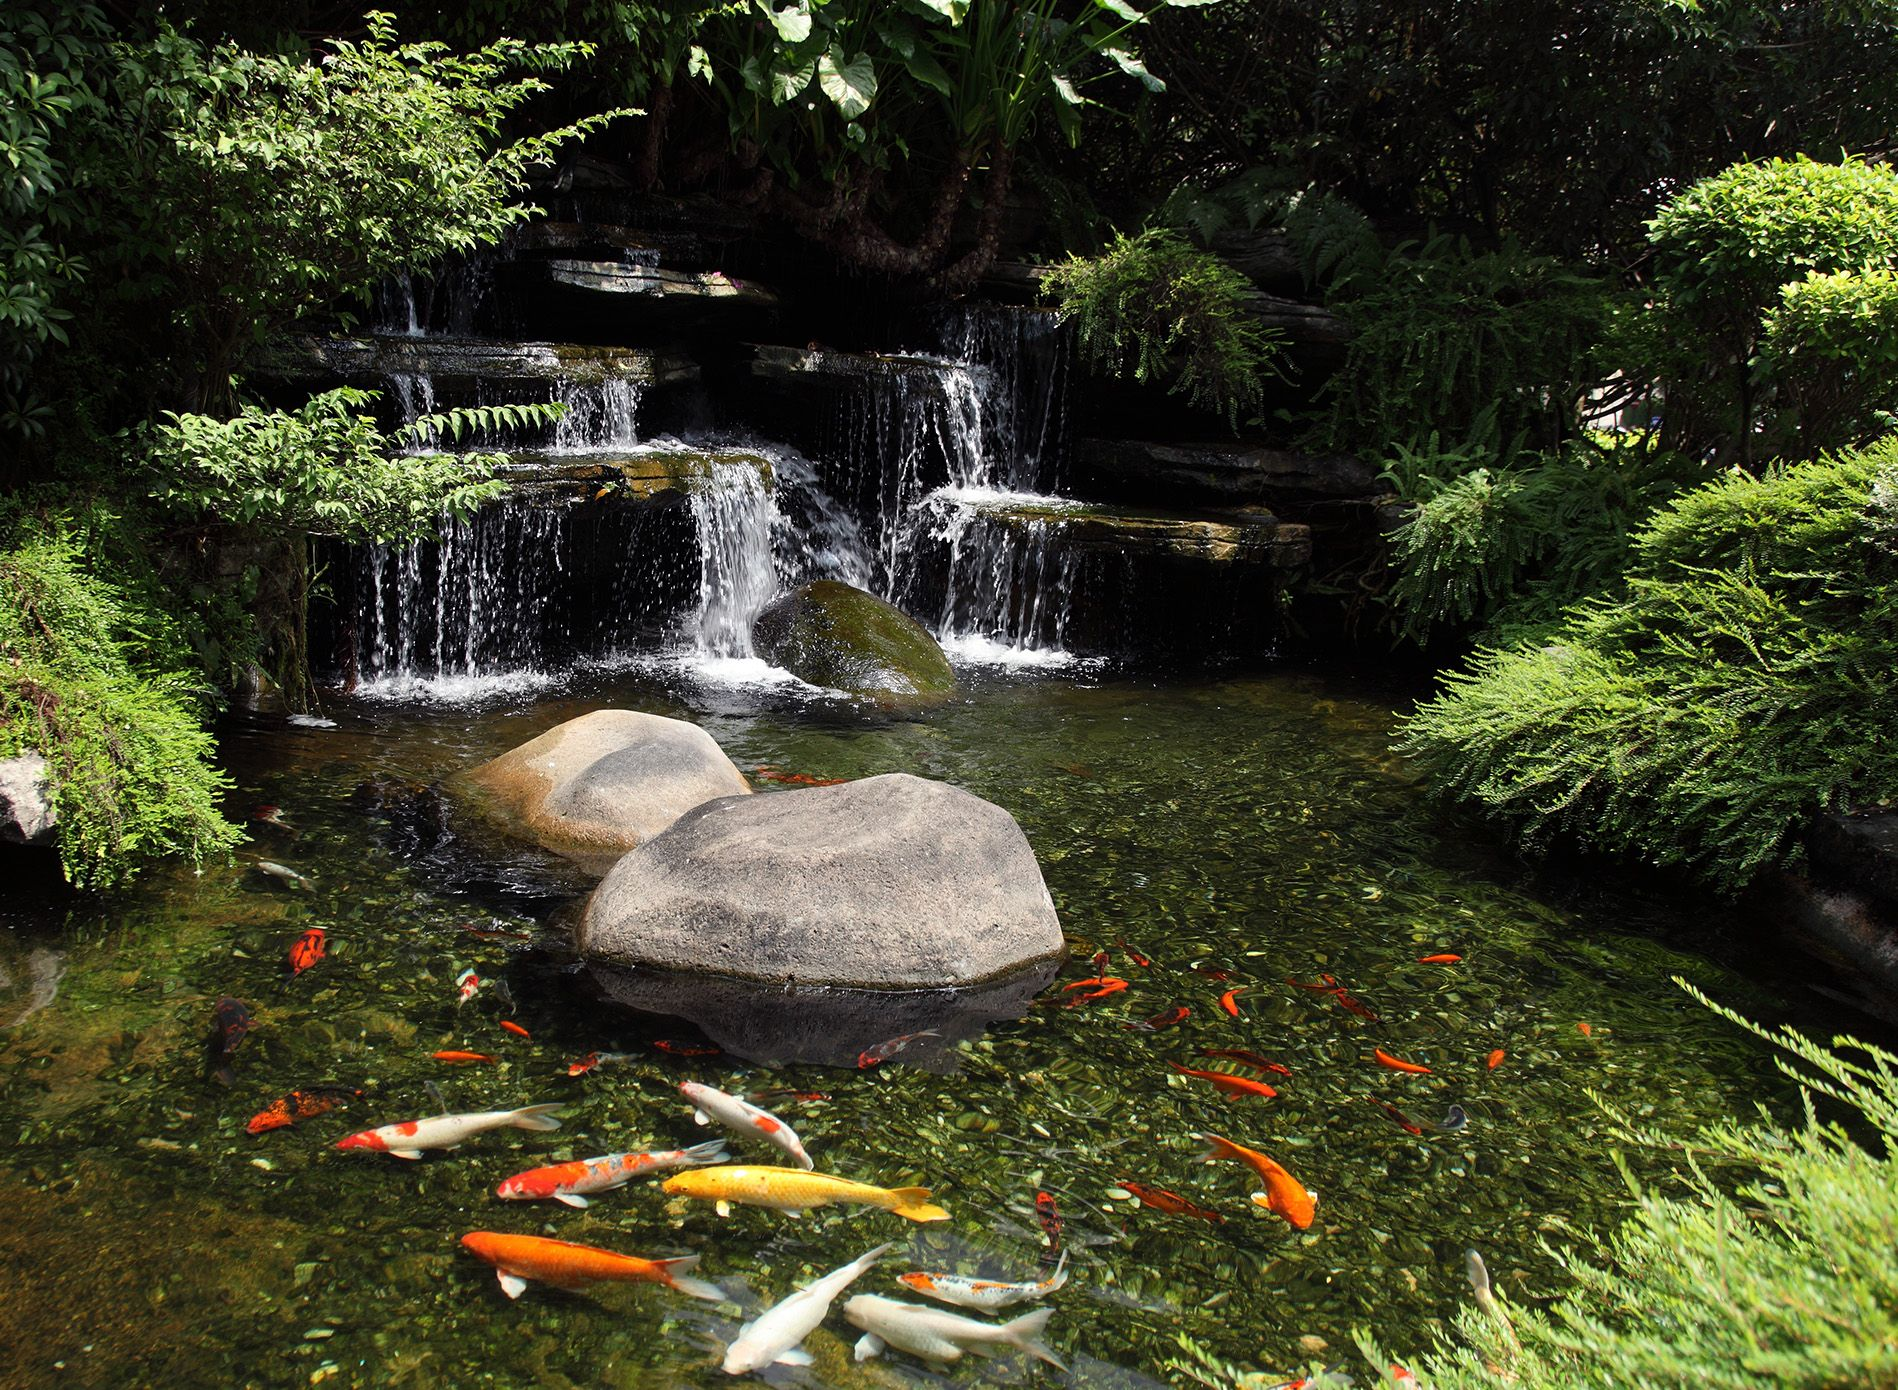 20 koi pond ideas to create a unique garden koi gardens and